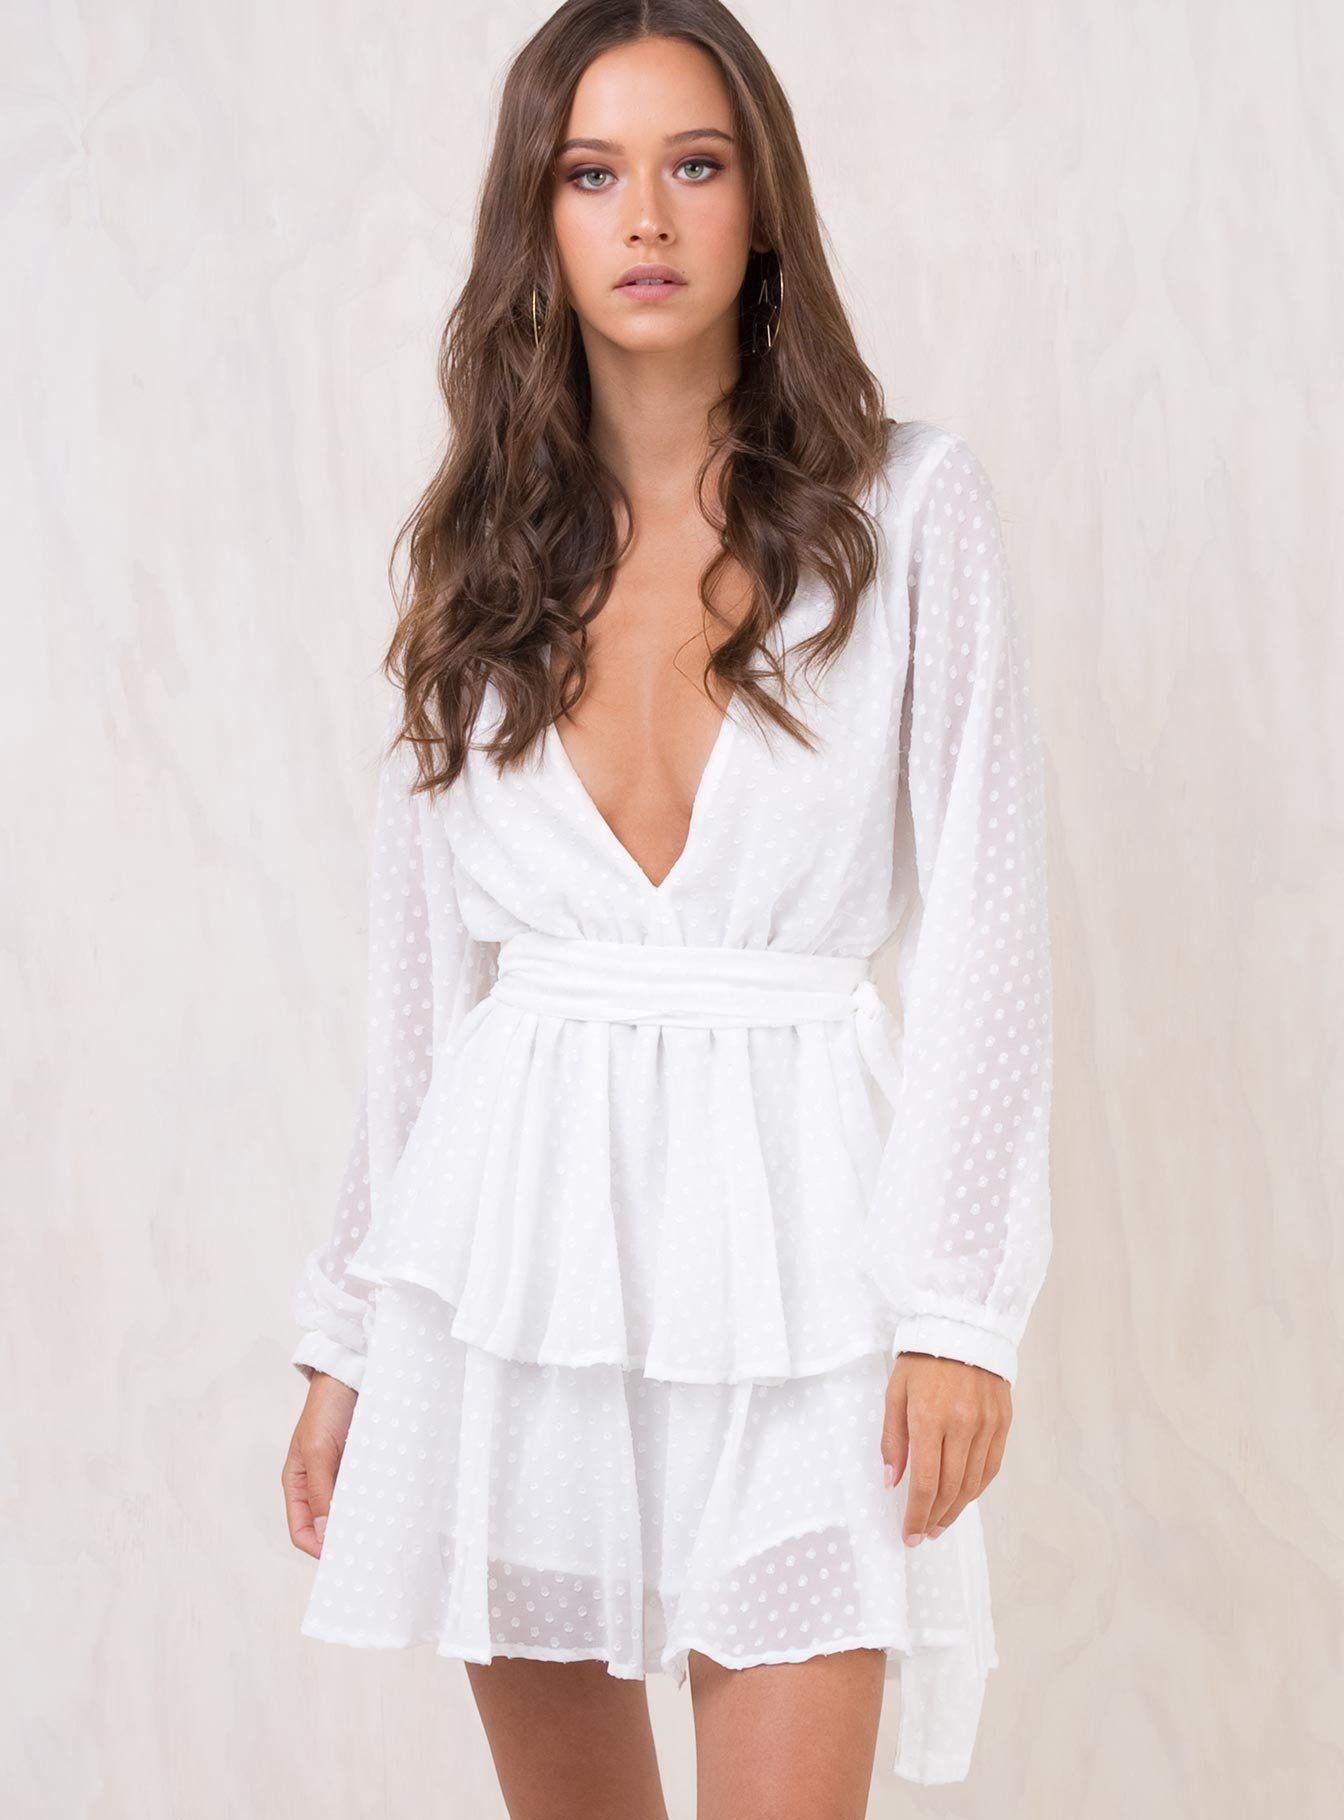 Legendary Lovers Plunge Dress White Plunge Dress Long Sleeve Dress Online Dresses